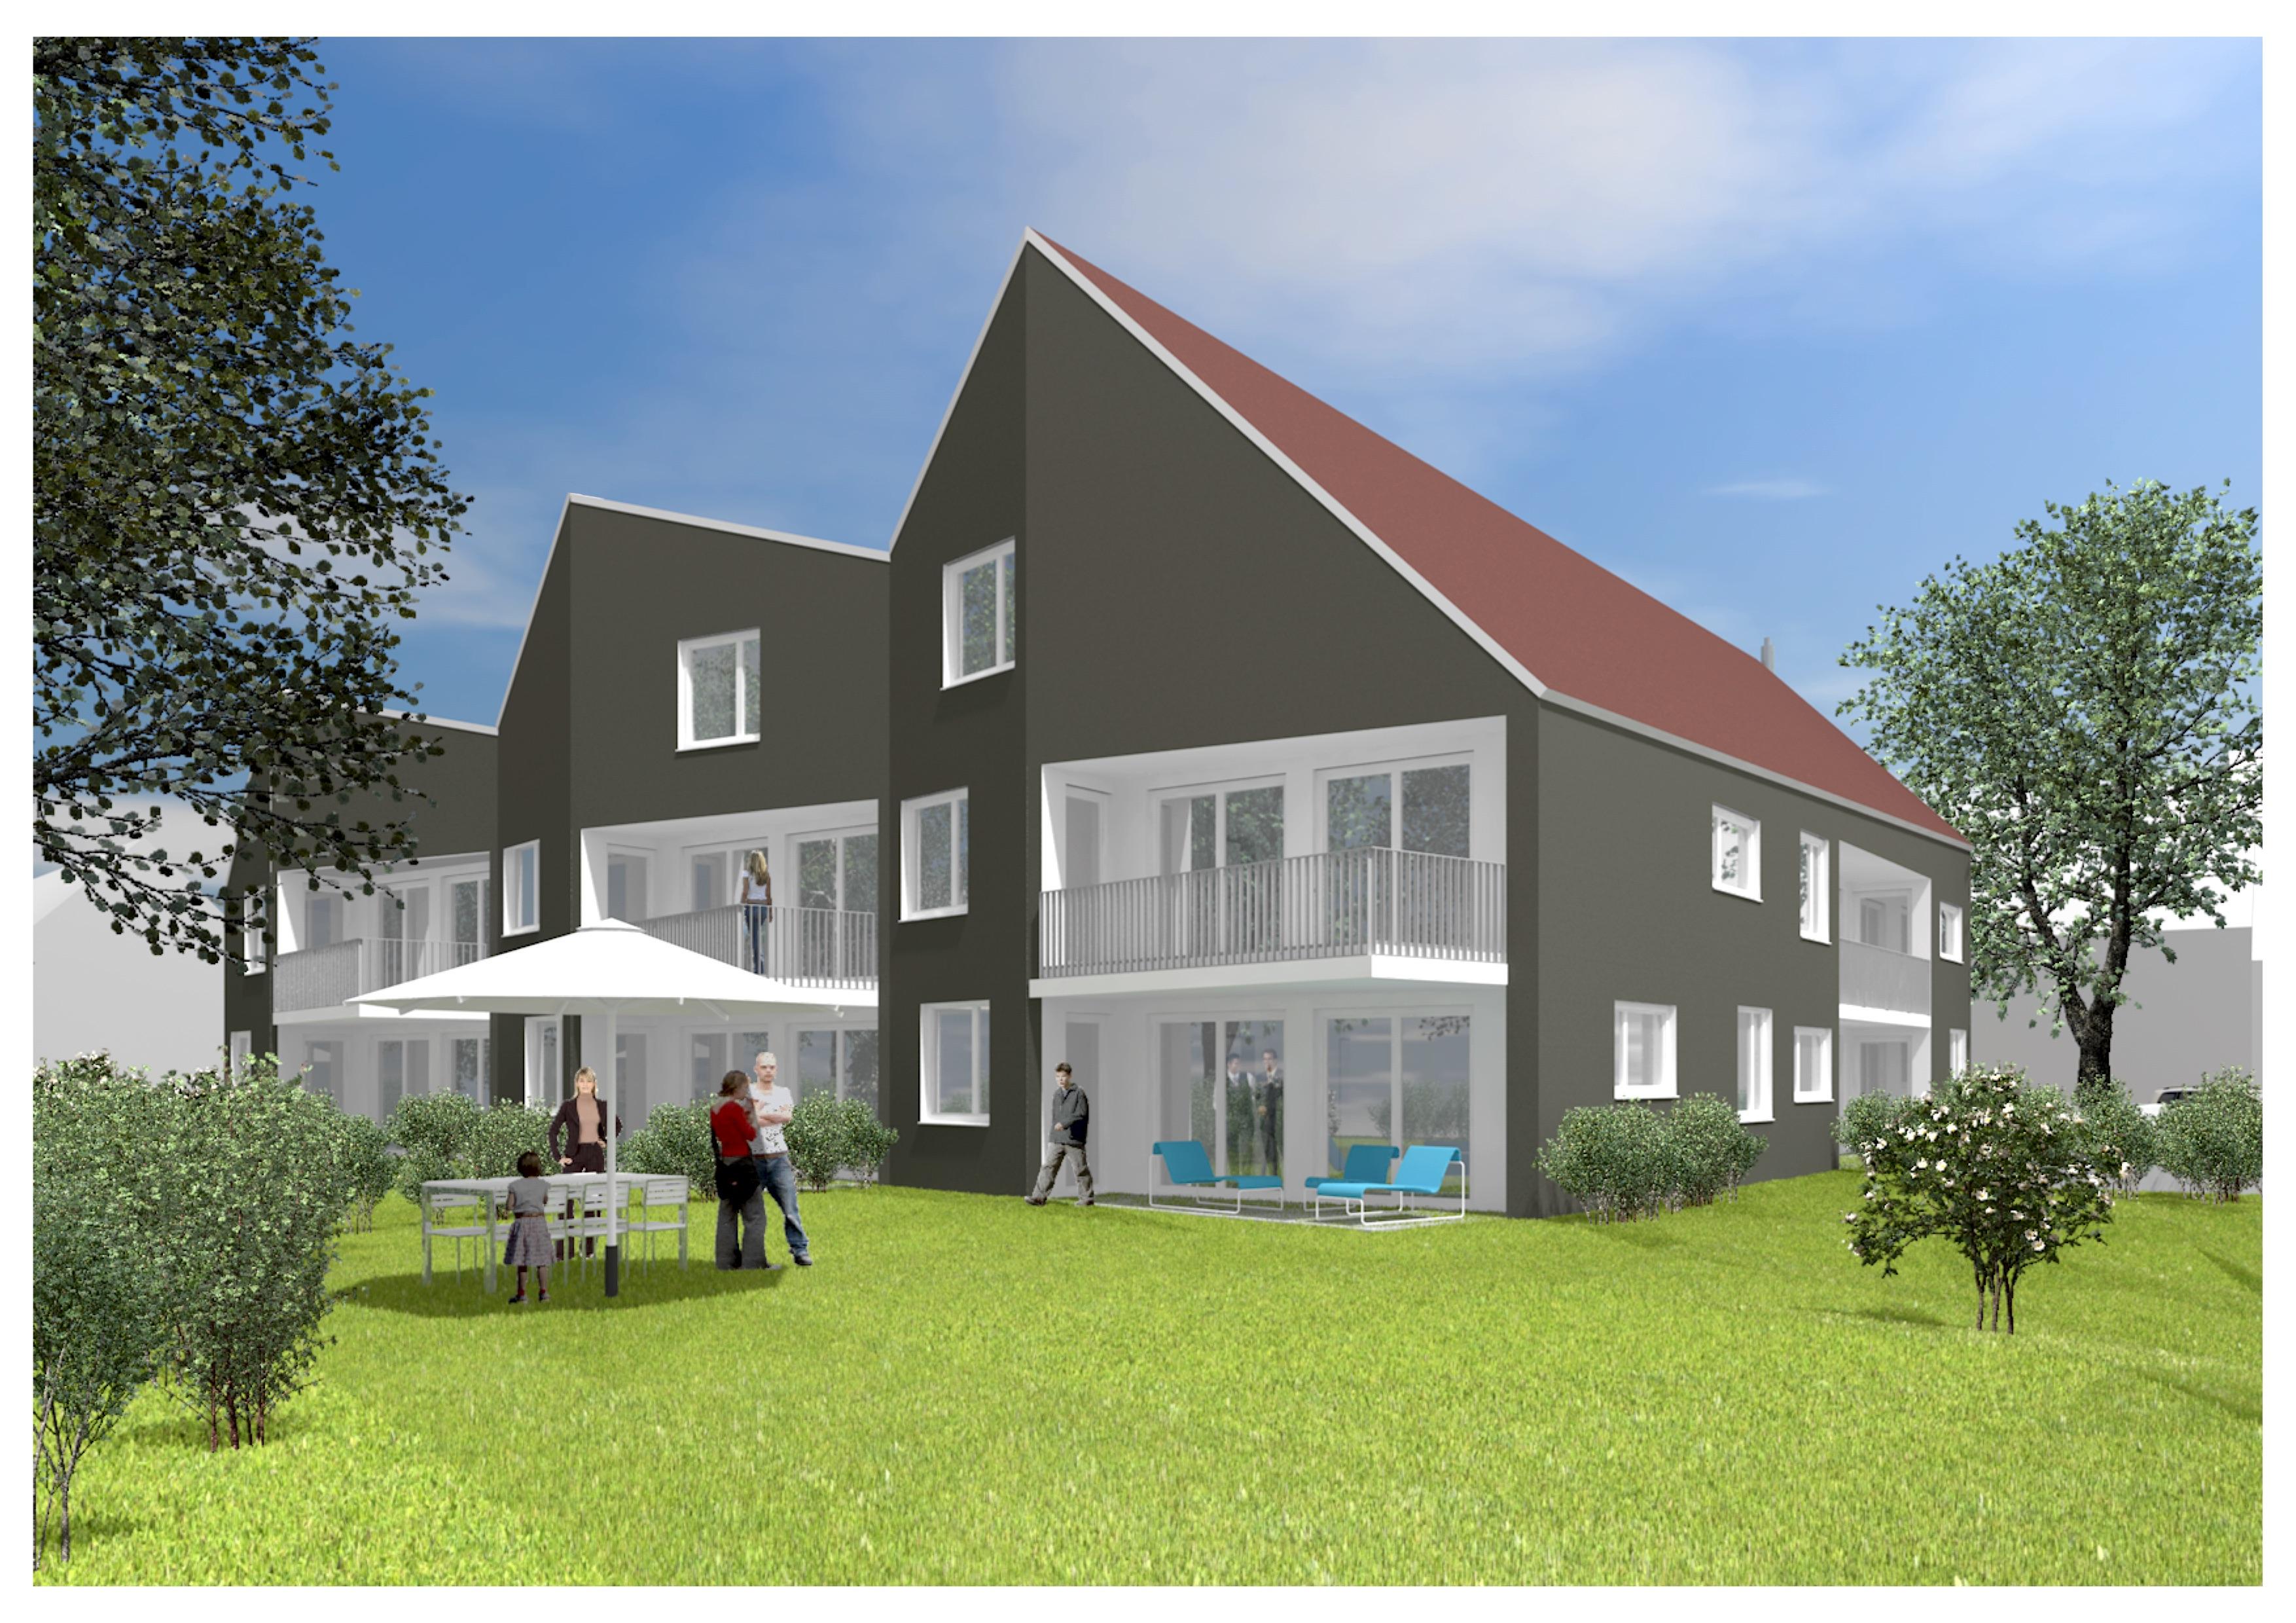 mehrfamilienhaus-kirchheim-visualisierung